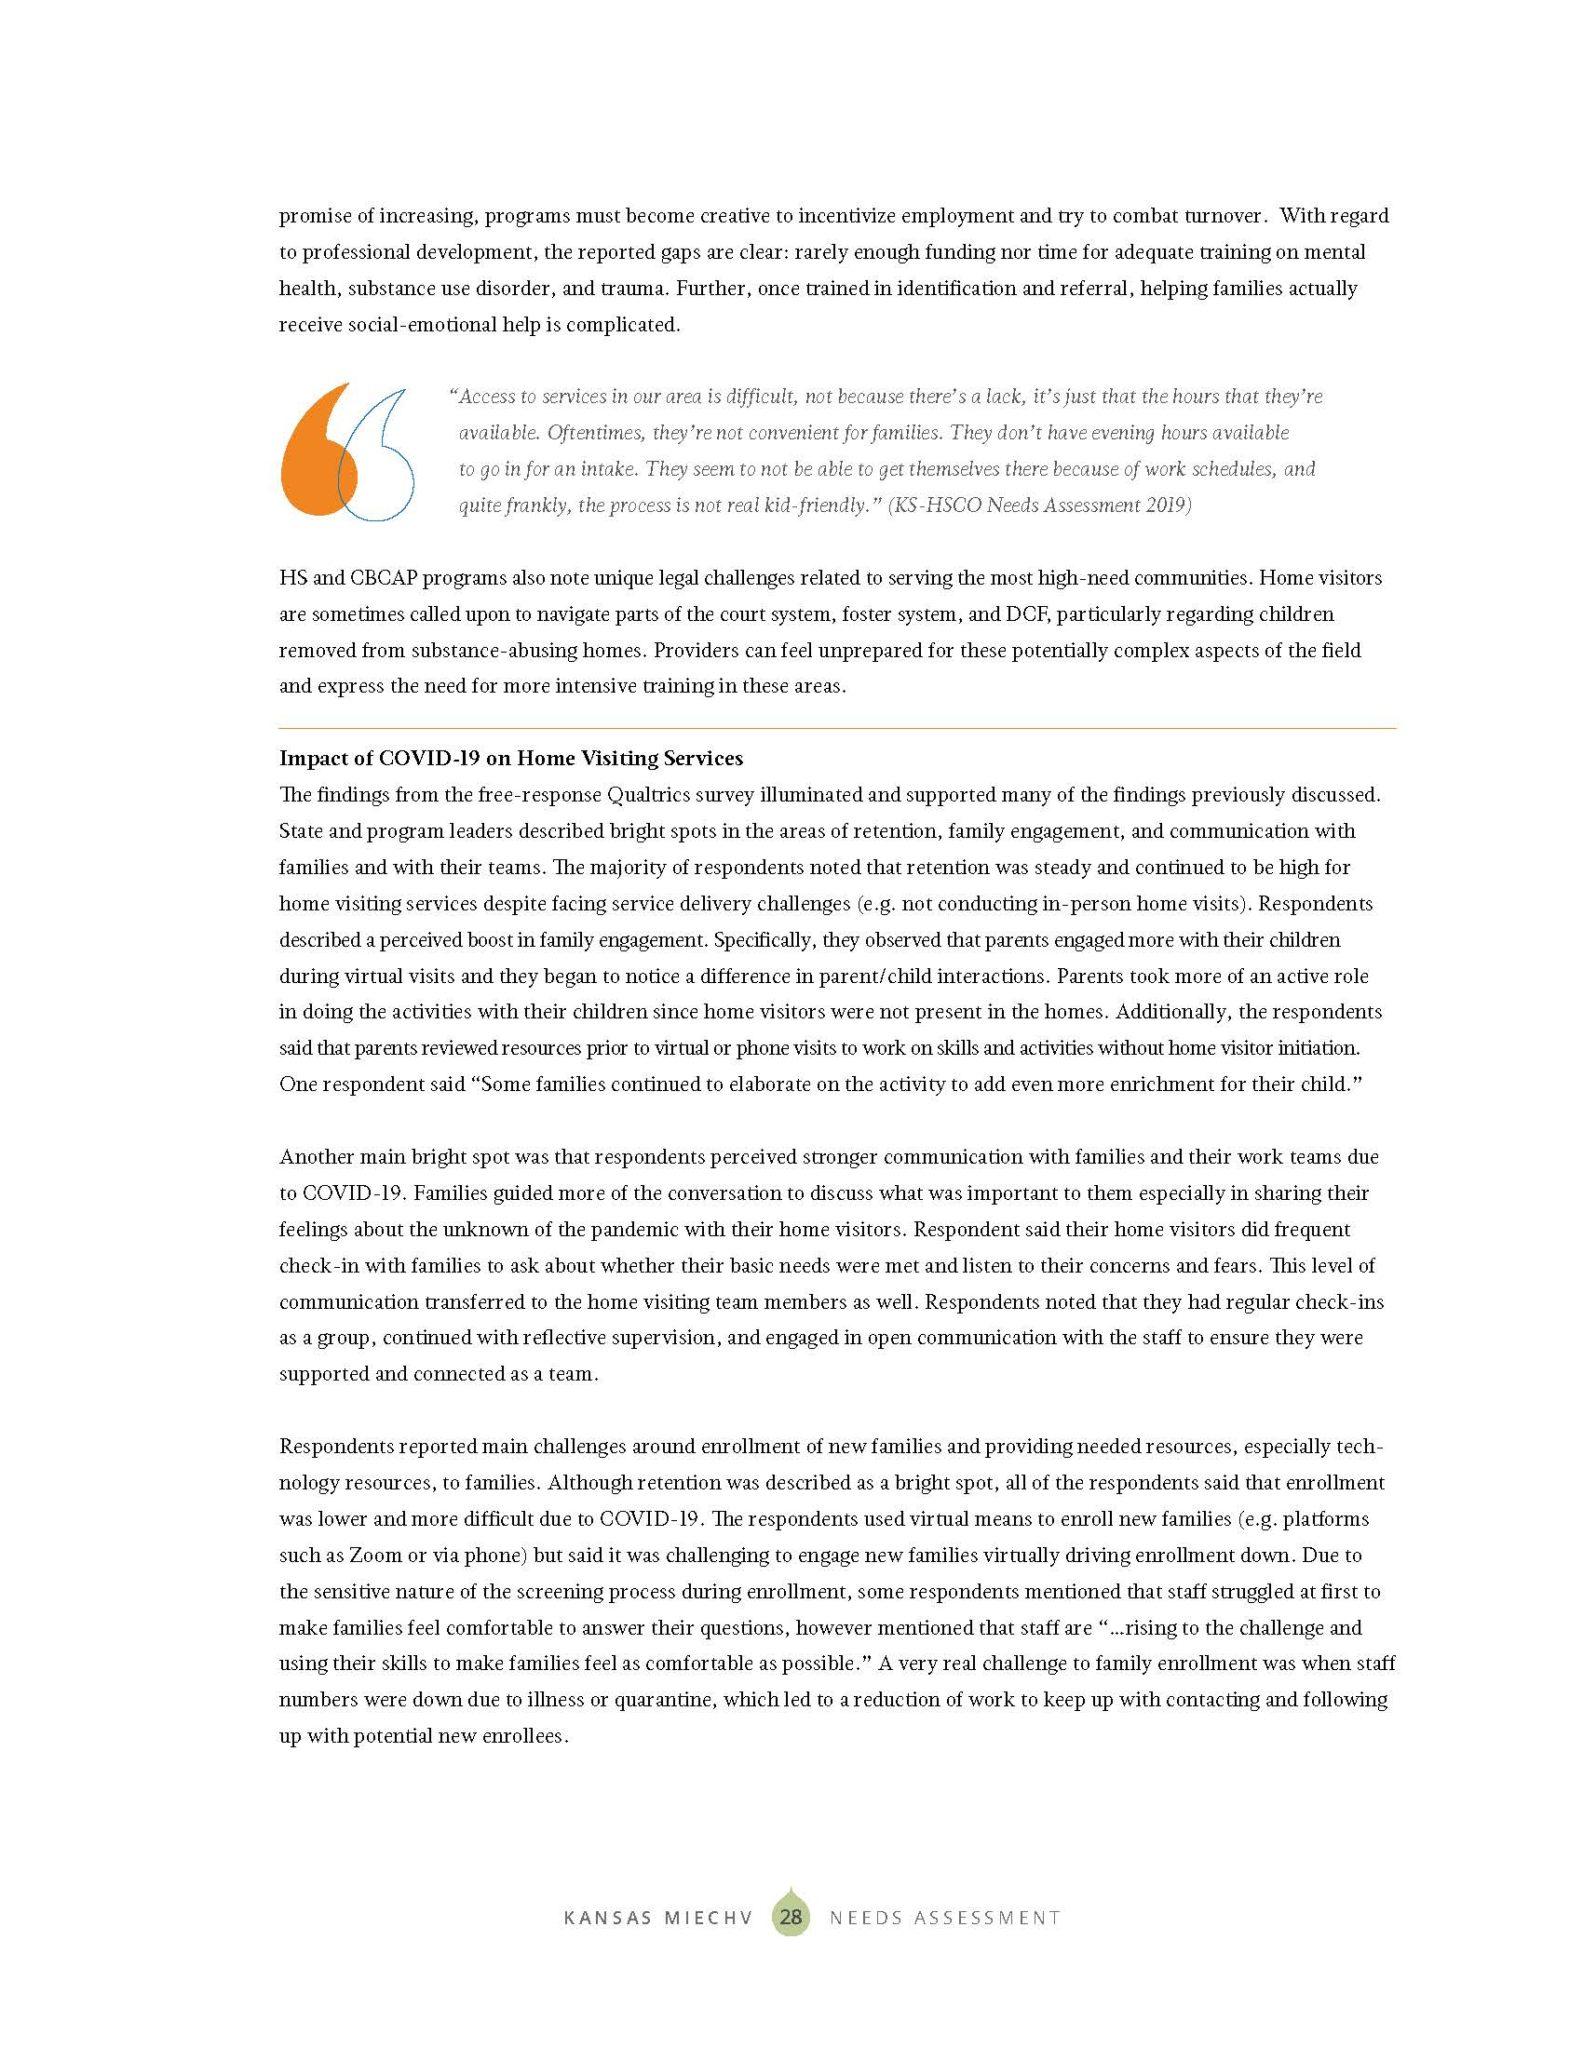 KS MIECHV 2020 Needs Assessment_DIGITAL_Page_036